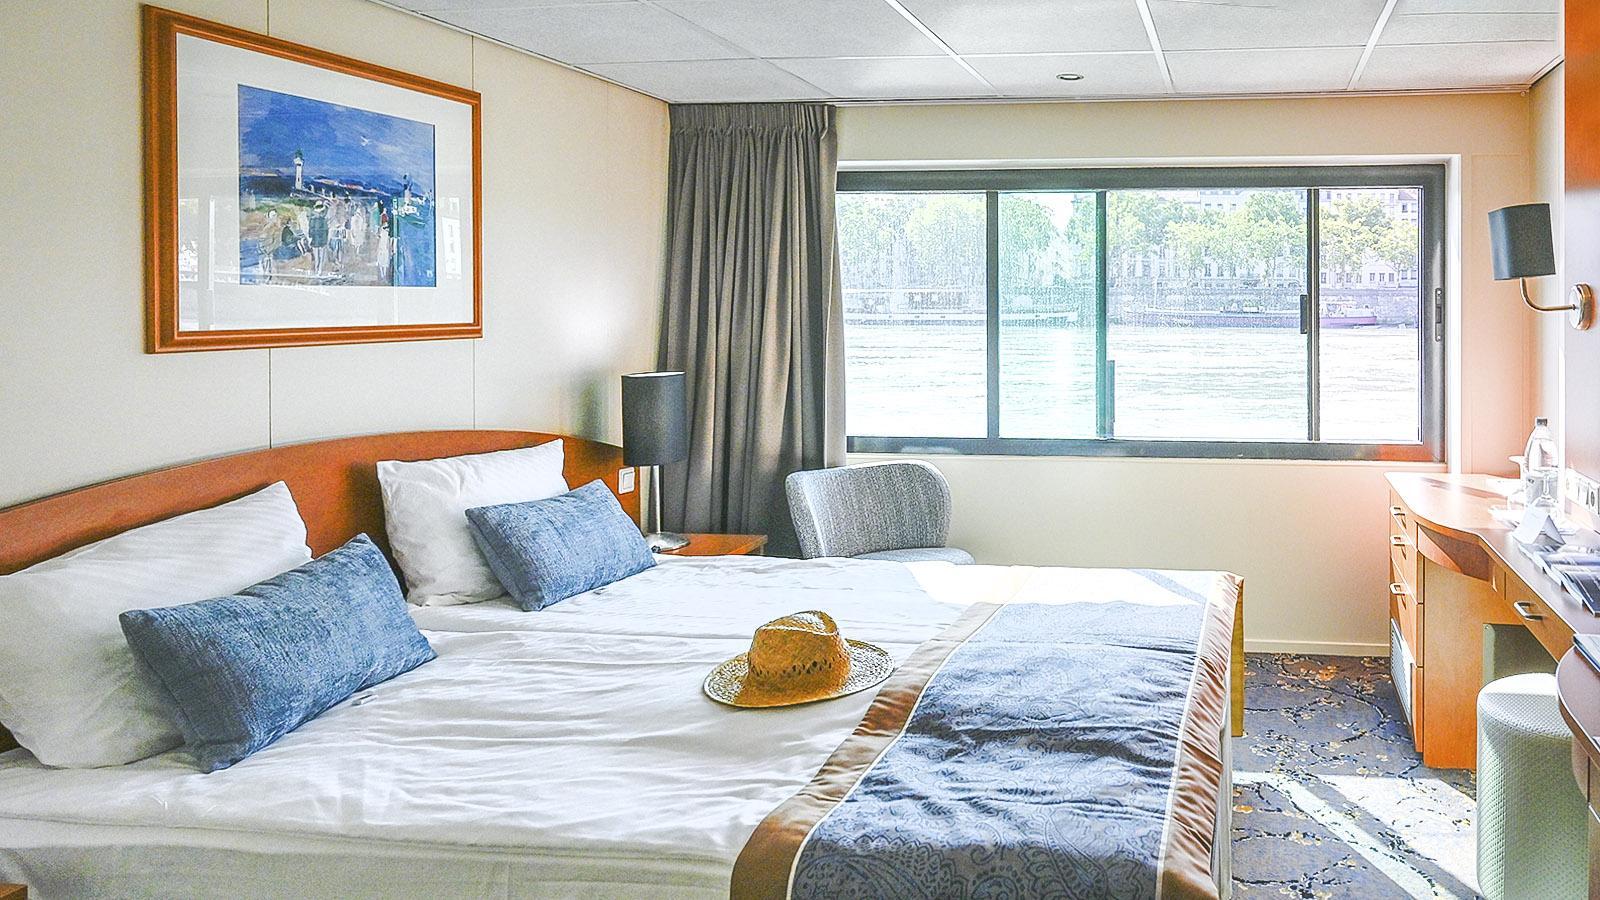 Modern, komfortabel und aussichtsreich die Kabine. Foto: Hilke Maunder